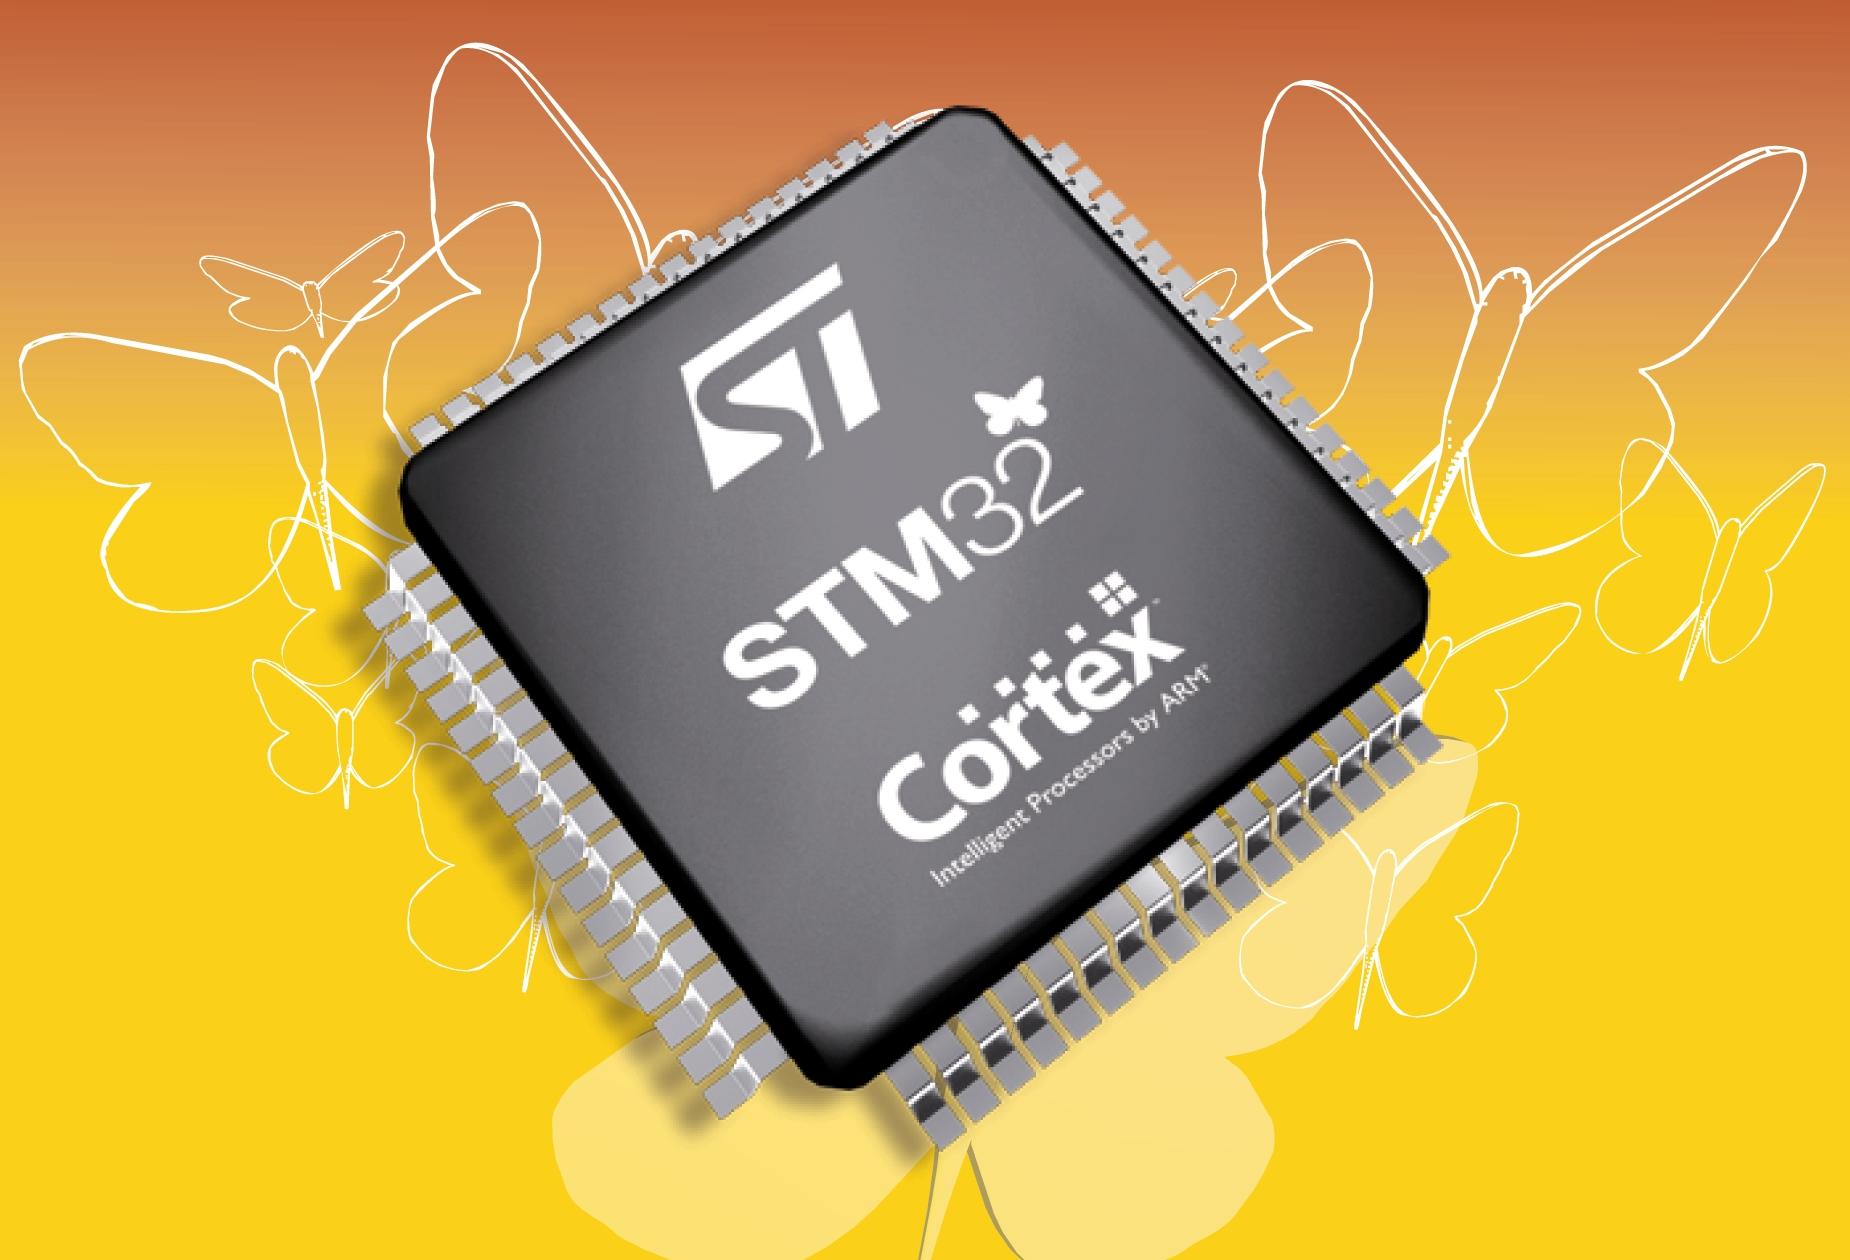 STM32资源专题(一)--入门教程专辑